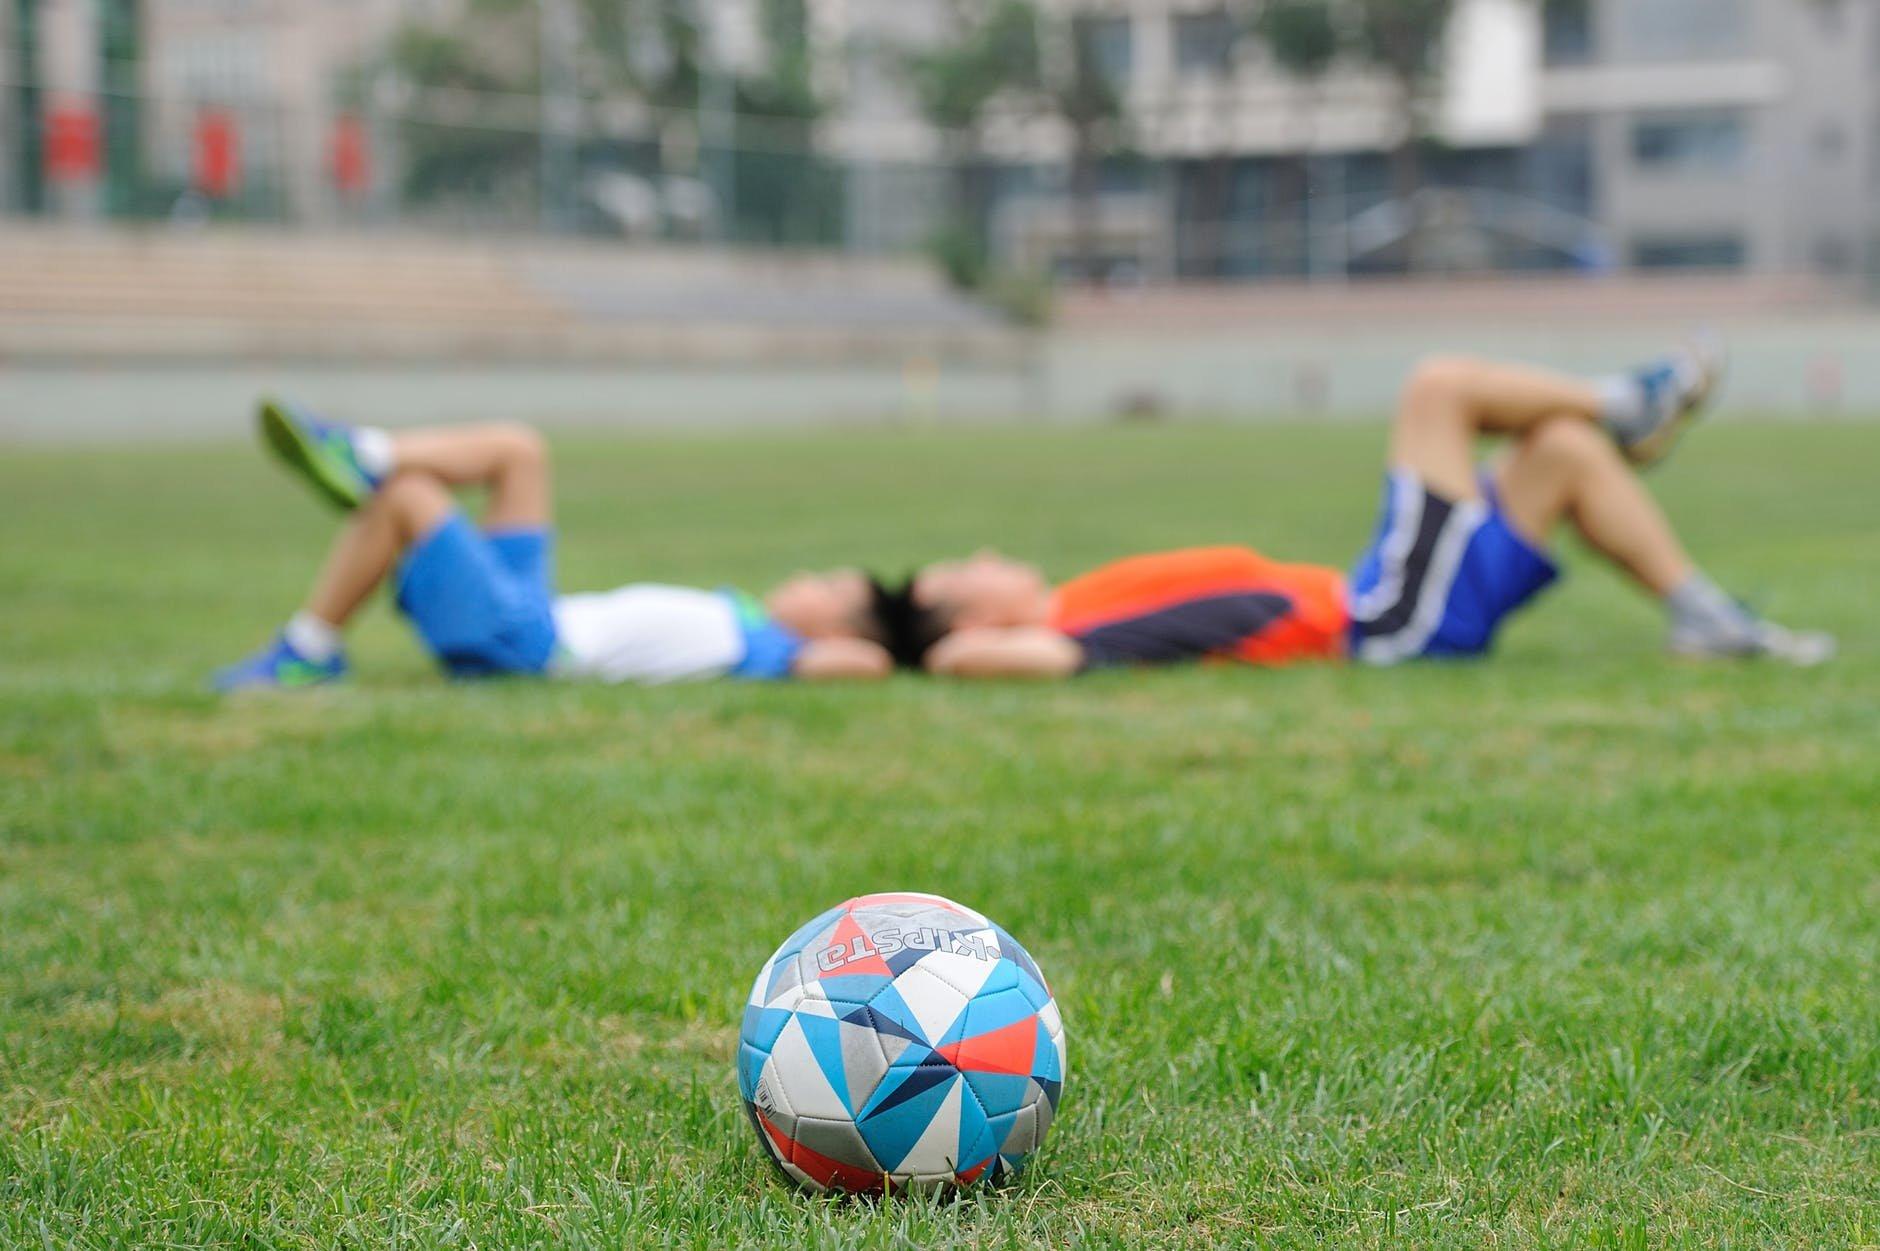 В Раменском округе открыли новый спортивный стадион